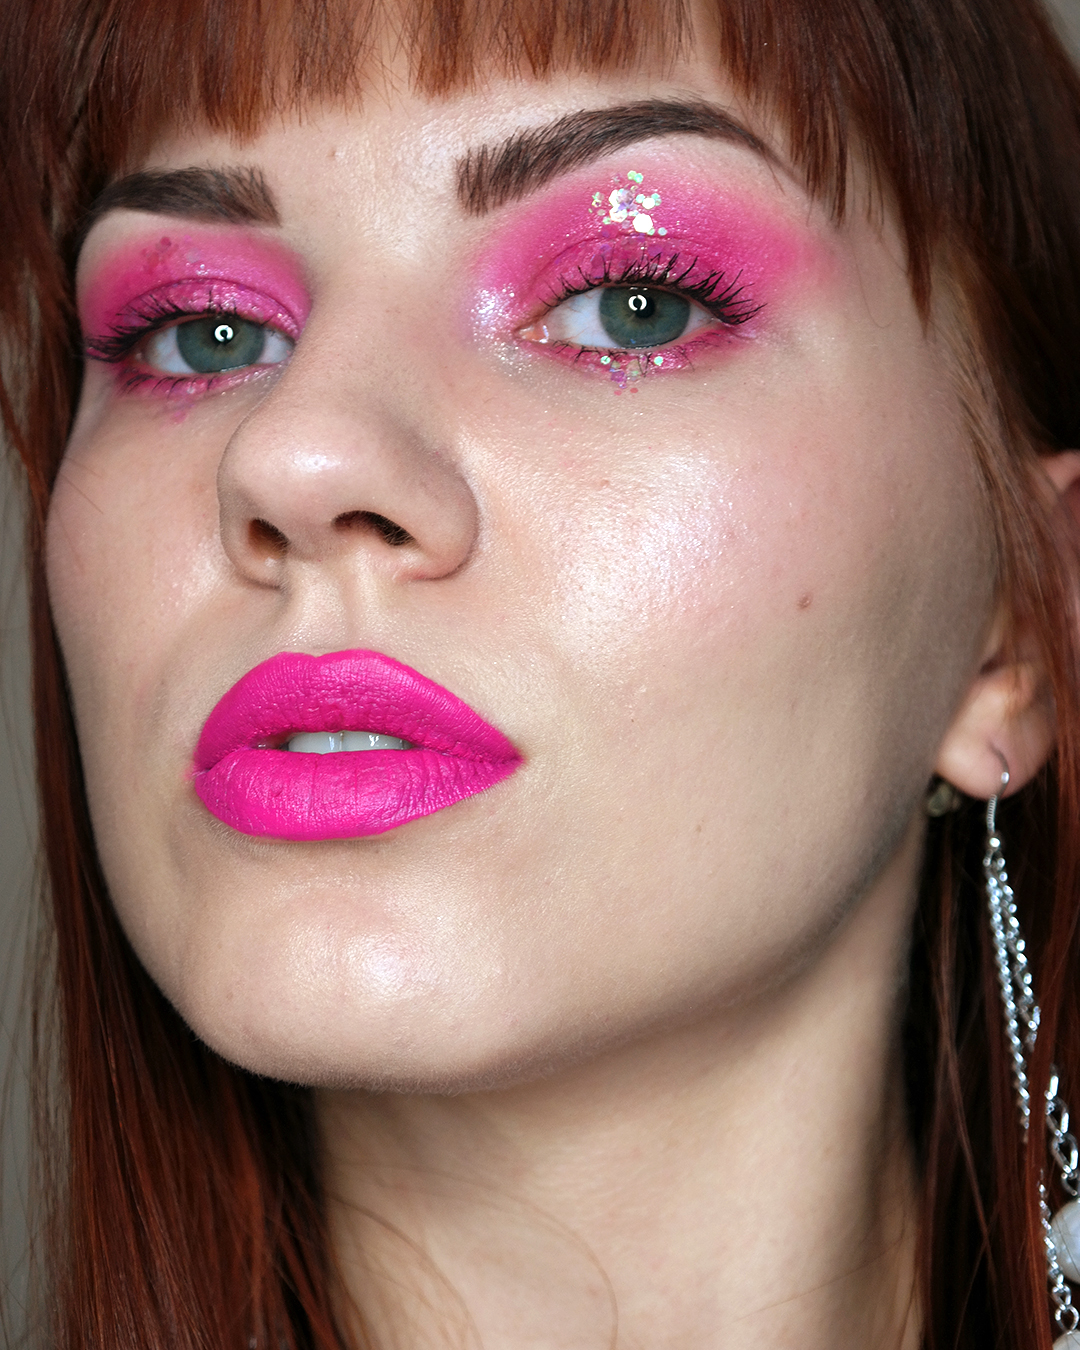 pinkki glitter meikki